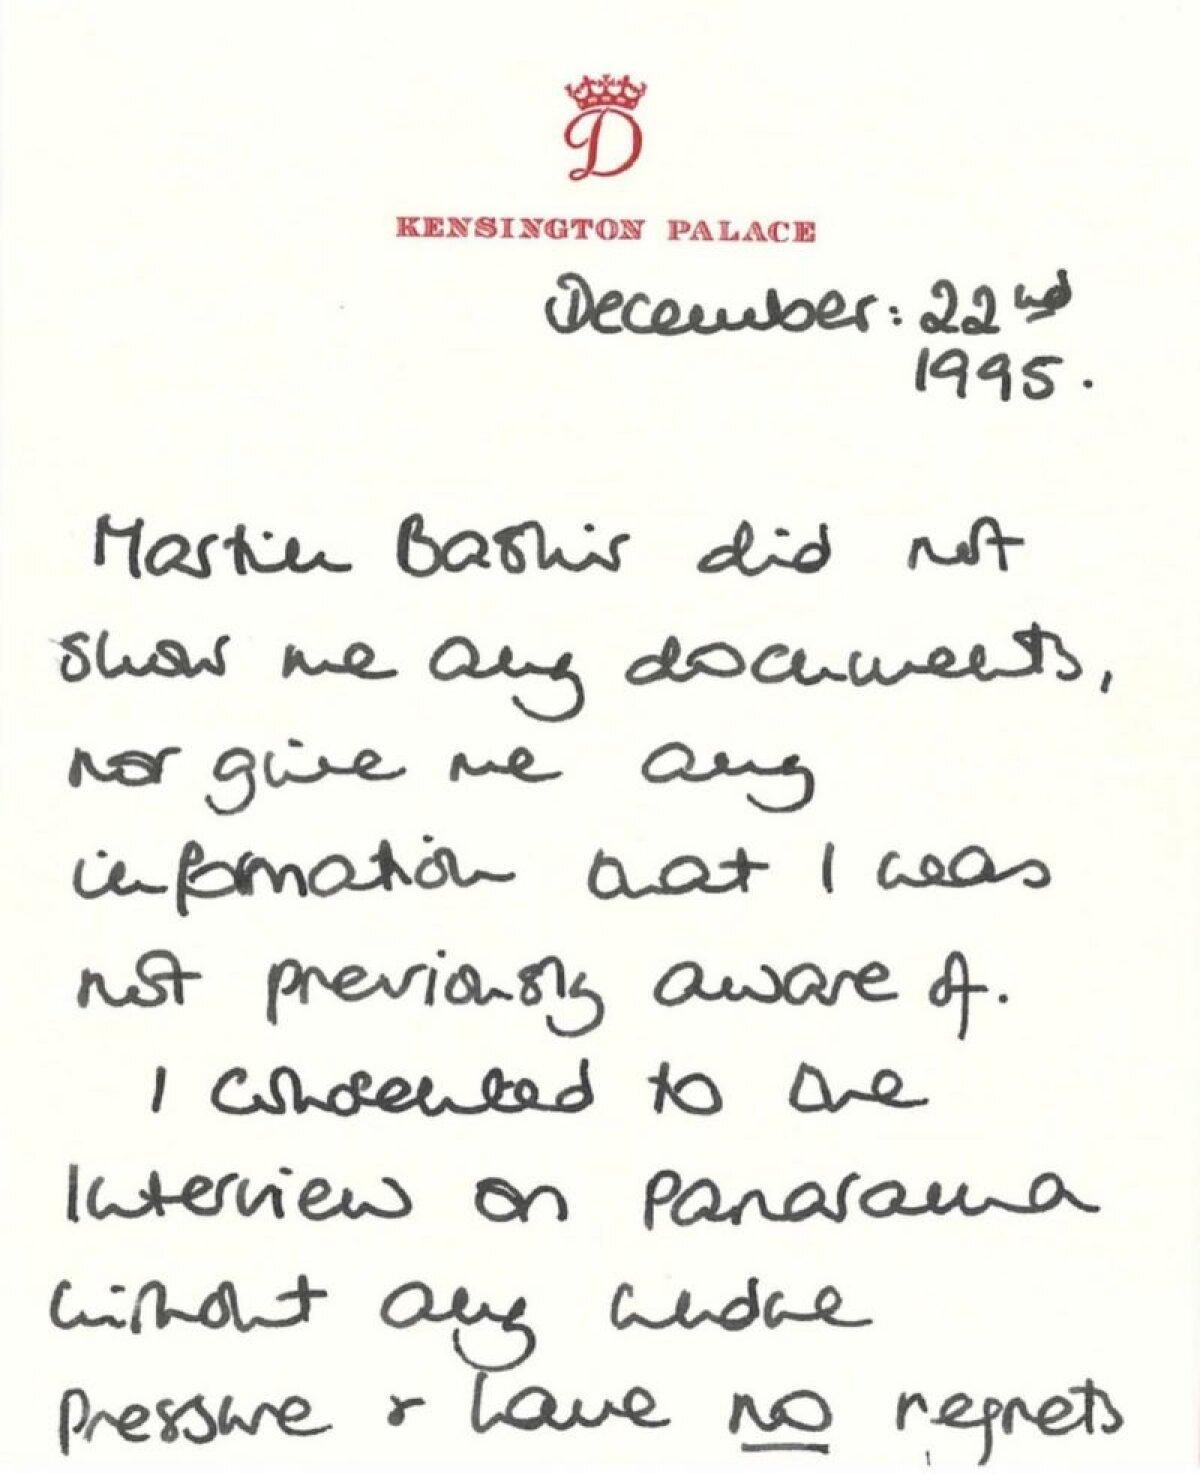 """""""Мартин Башир не показывал мне никаких документов и не давал мне какой-либо неизвестной мне ранее информации. Я дала согласие на интервью программе """"Панорама"""" без какого-либо давления и ни о чем не сожалею"""", - было сказано в письме Дианы Баширу от 1995 года."""